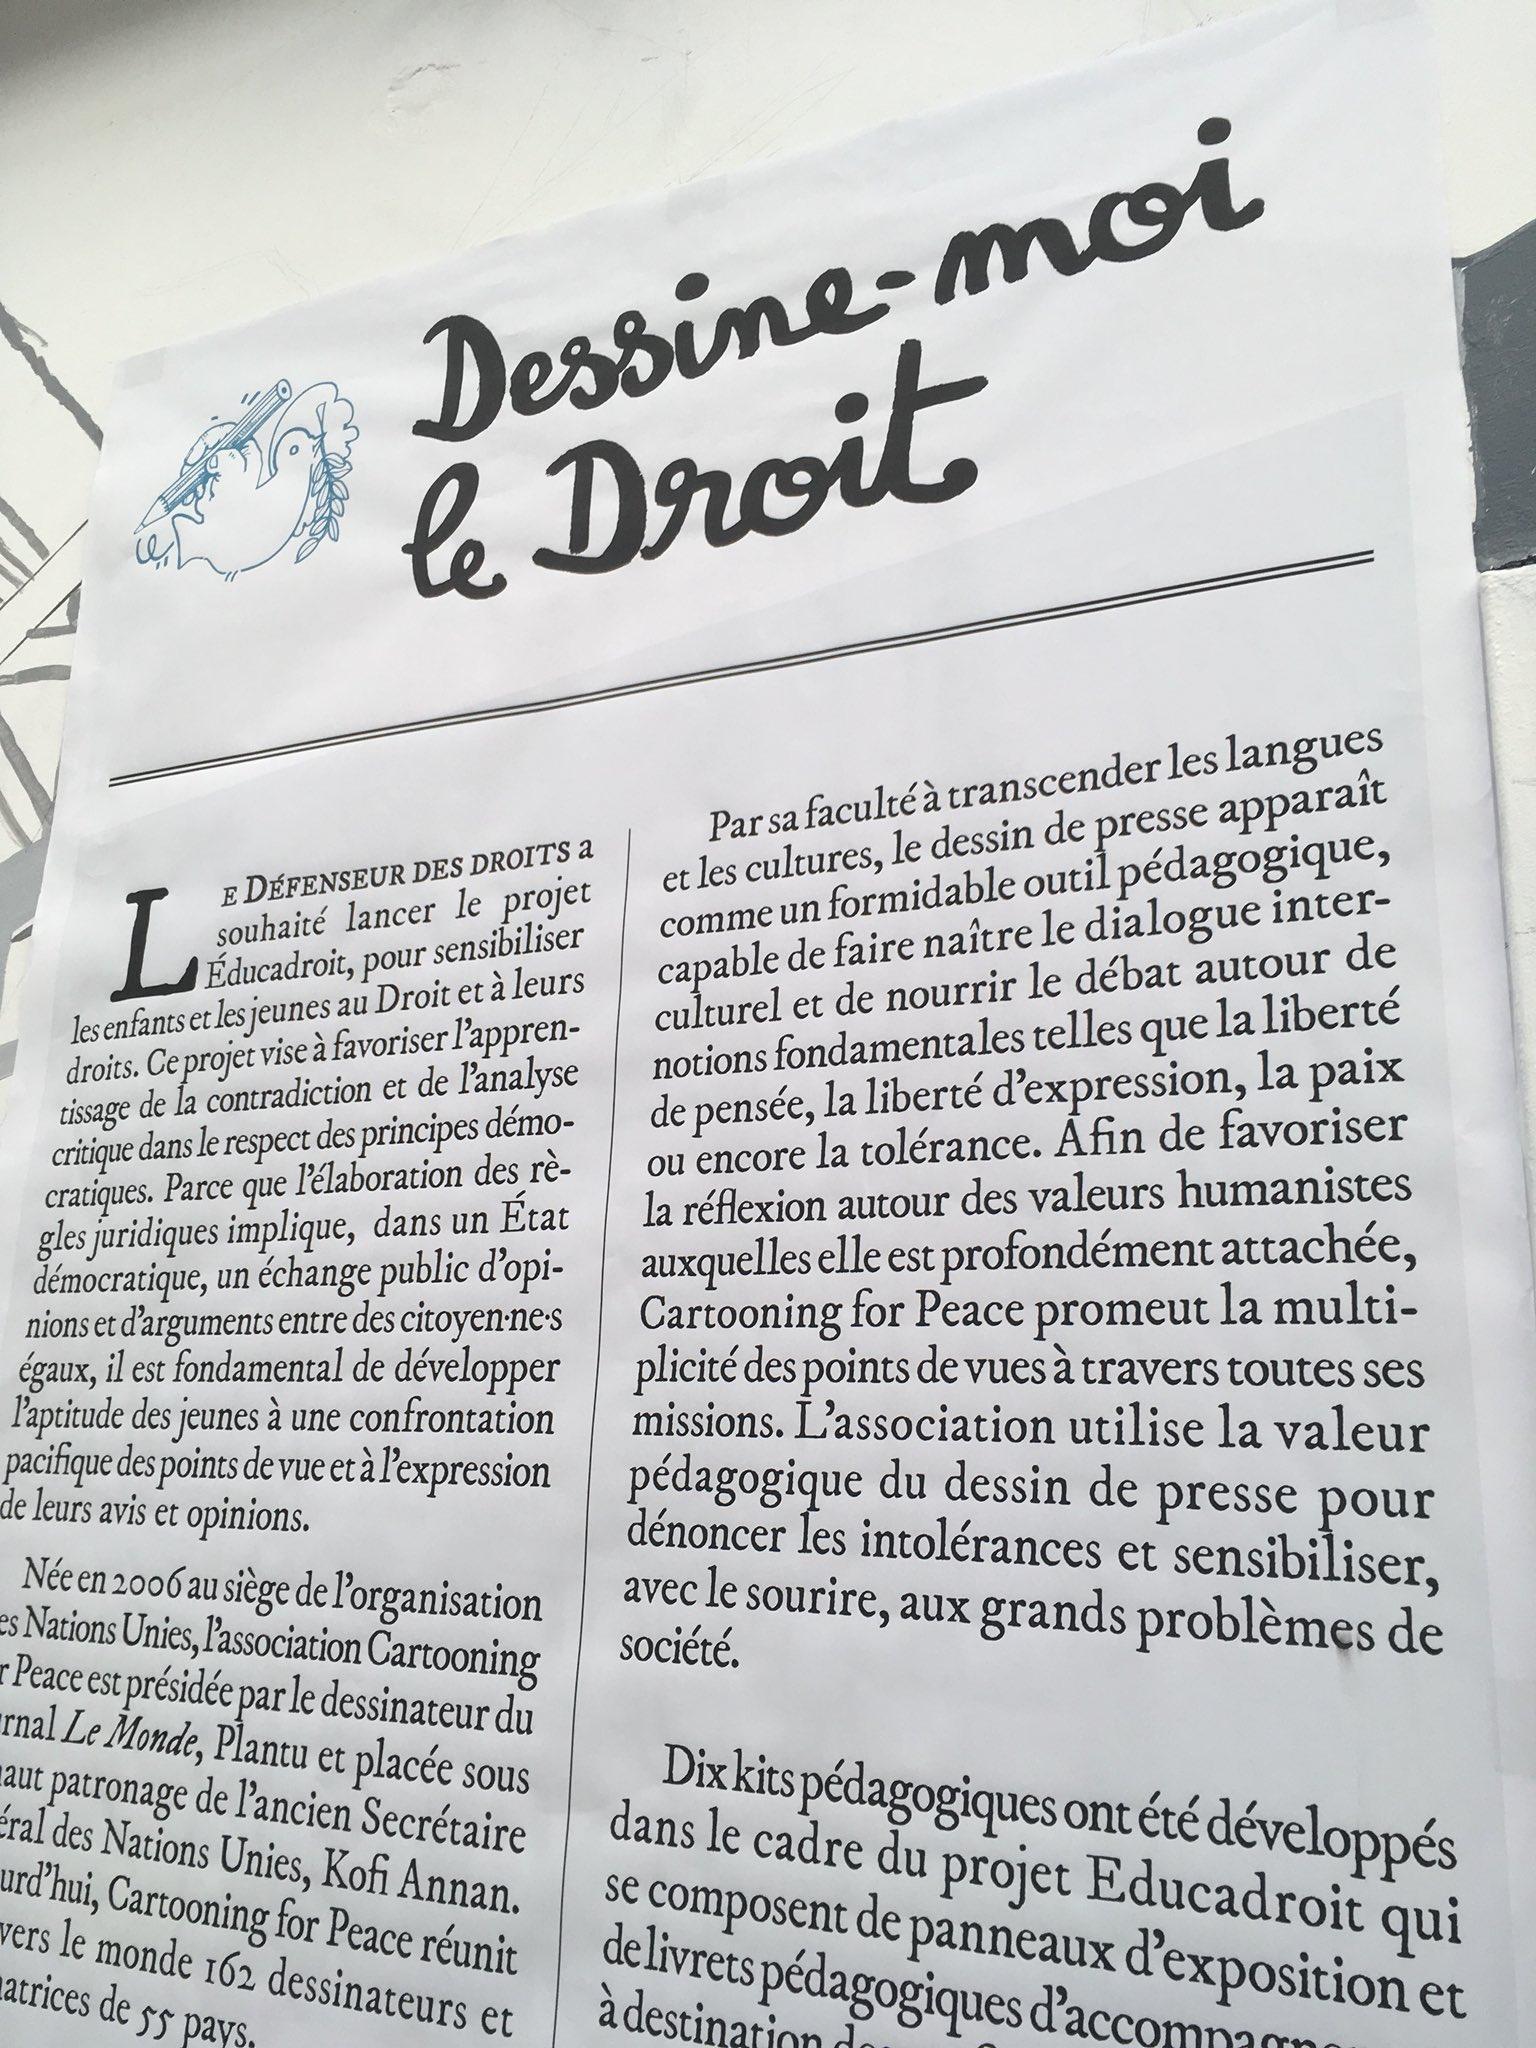 CDI Lycée Corbusier on Twitter: